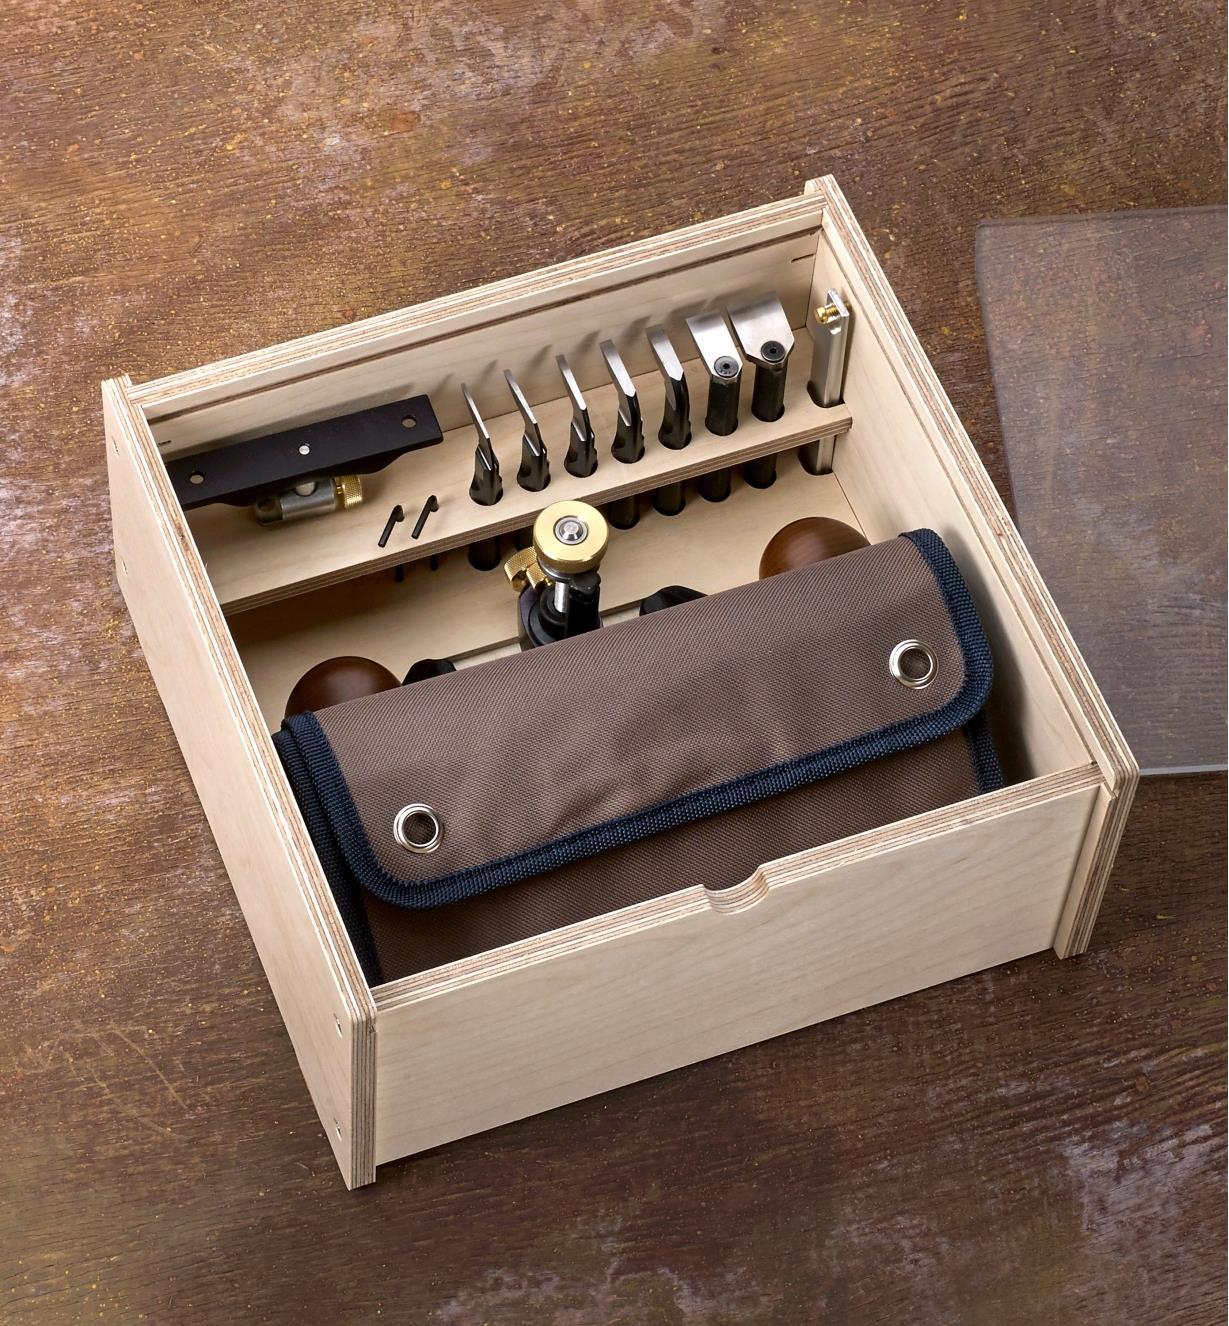 Guimbarde Veritas, fers, étui pour fers et accessoires rangés dans un coffret de rangement pour guimbarde Veritas